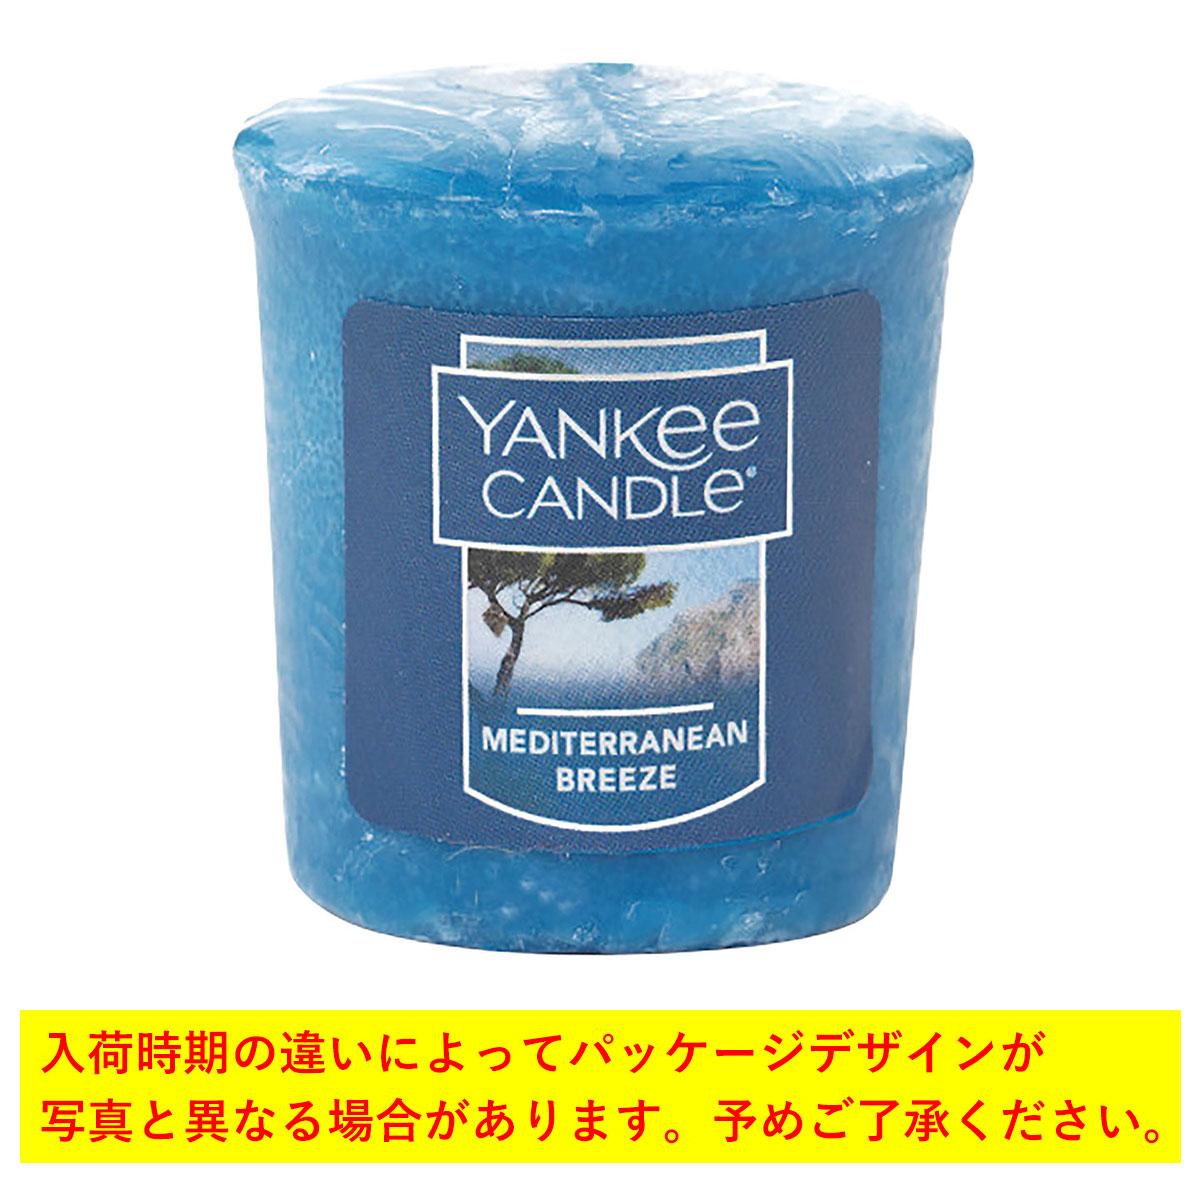 ヤンキーキャンドル サンプラー 正規販売店 YANKEE CANDLE アロマキャンドル フレグランス YCサンプラー メディテレイニアンブリーズ K00105301 A49B B3C C3D D0E E00F